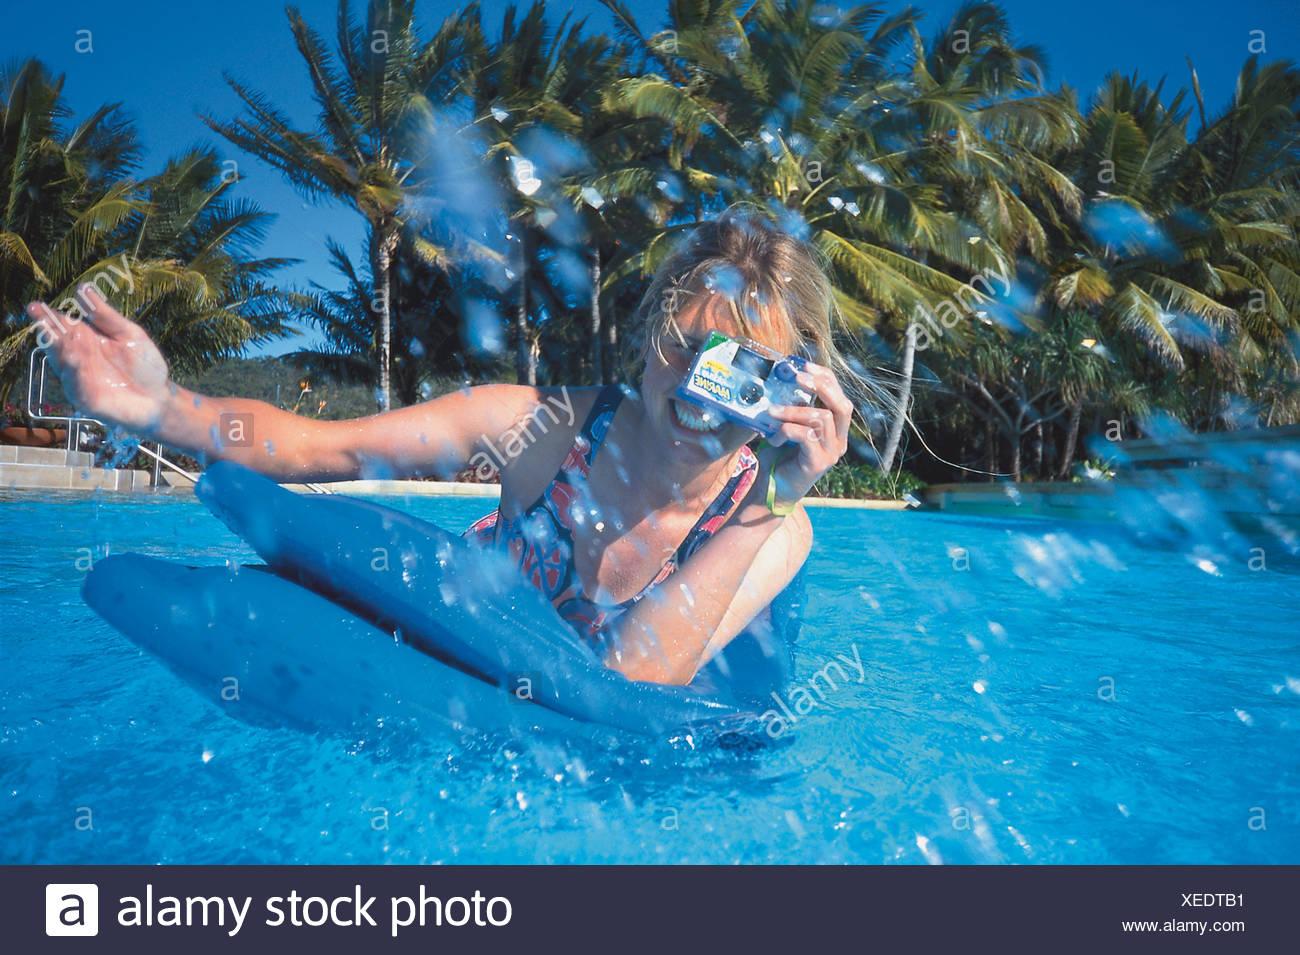 Fotografieren im Wasser, Swimmingpool, Hayman Island Queensland, Australien - Stock Image